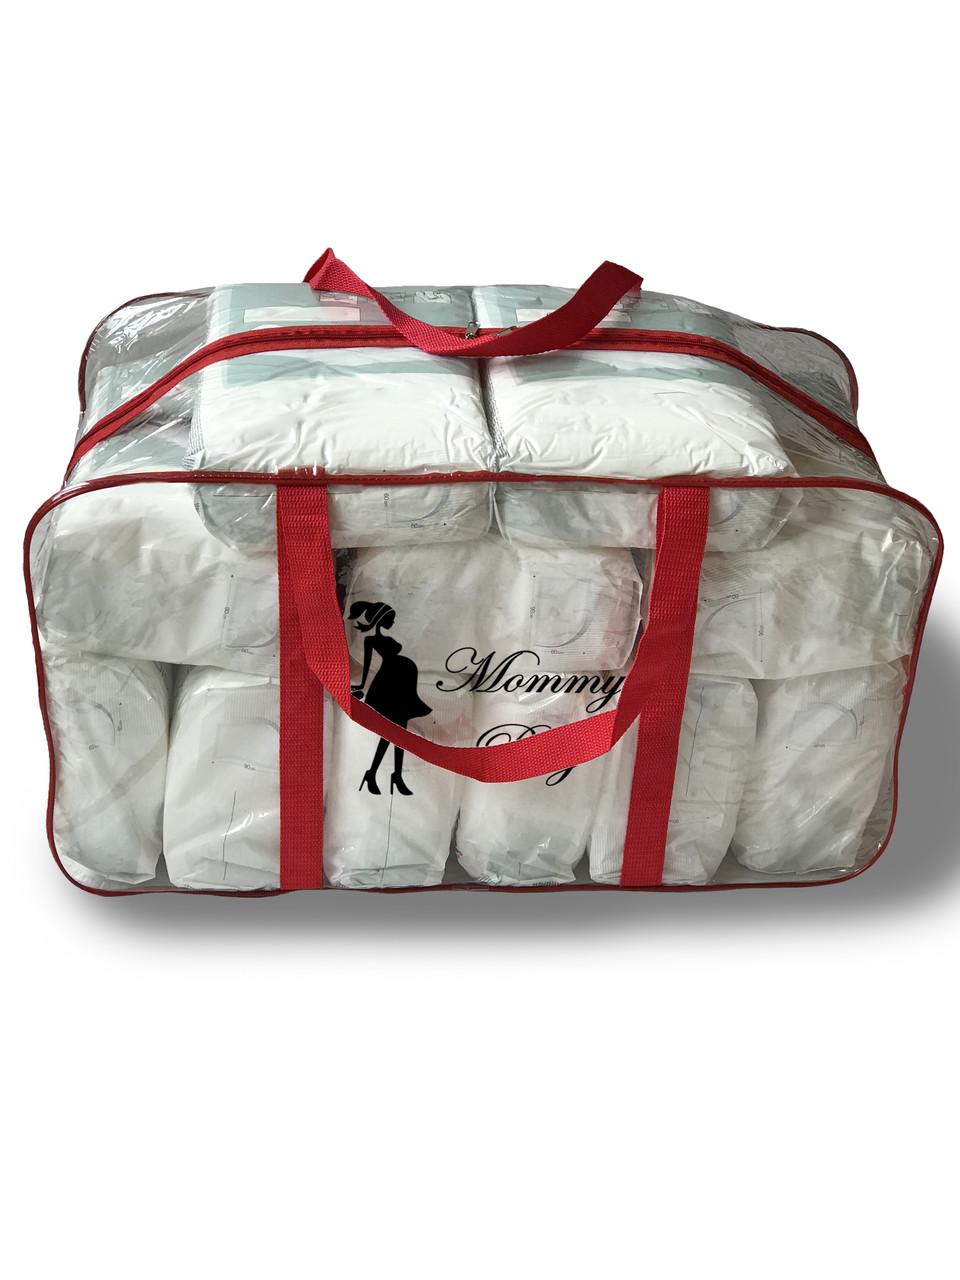 Сумка прозрачная в роддом Mommy Bag - XL - 65*35*30 см Красная